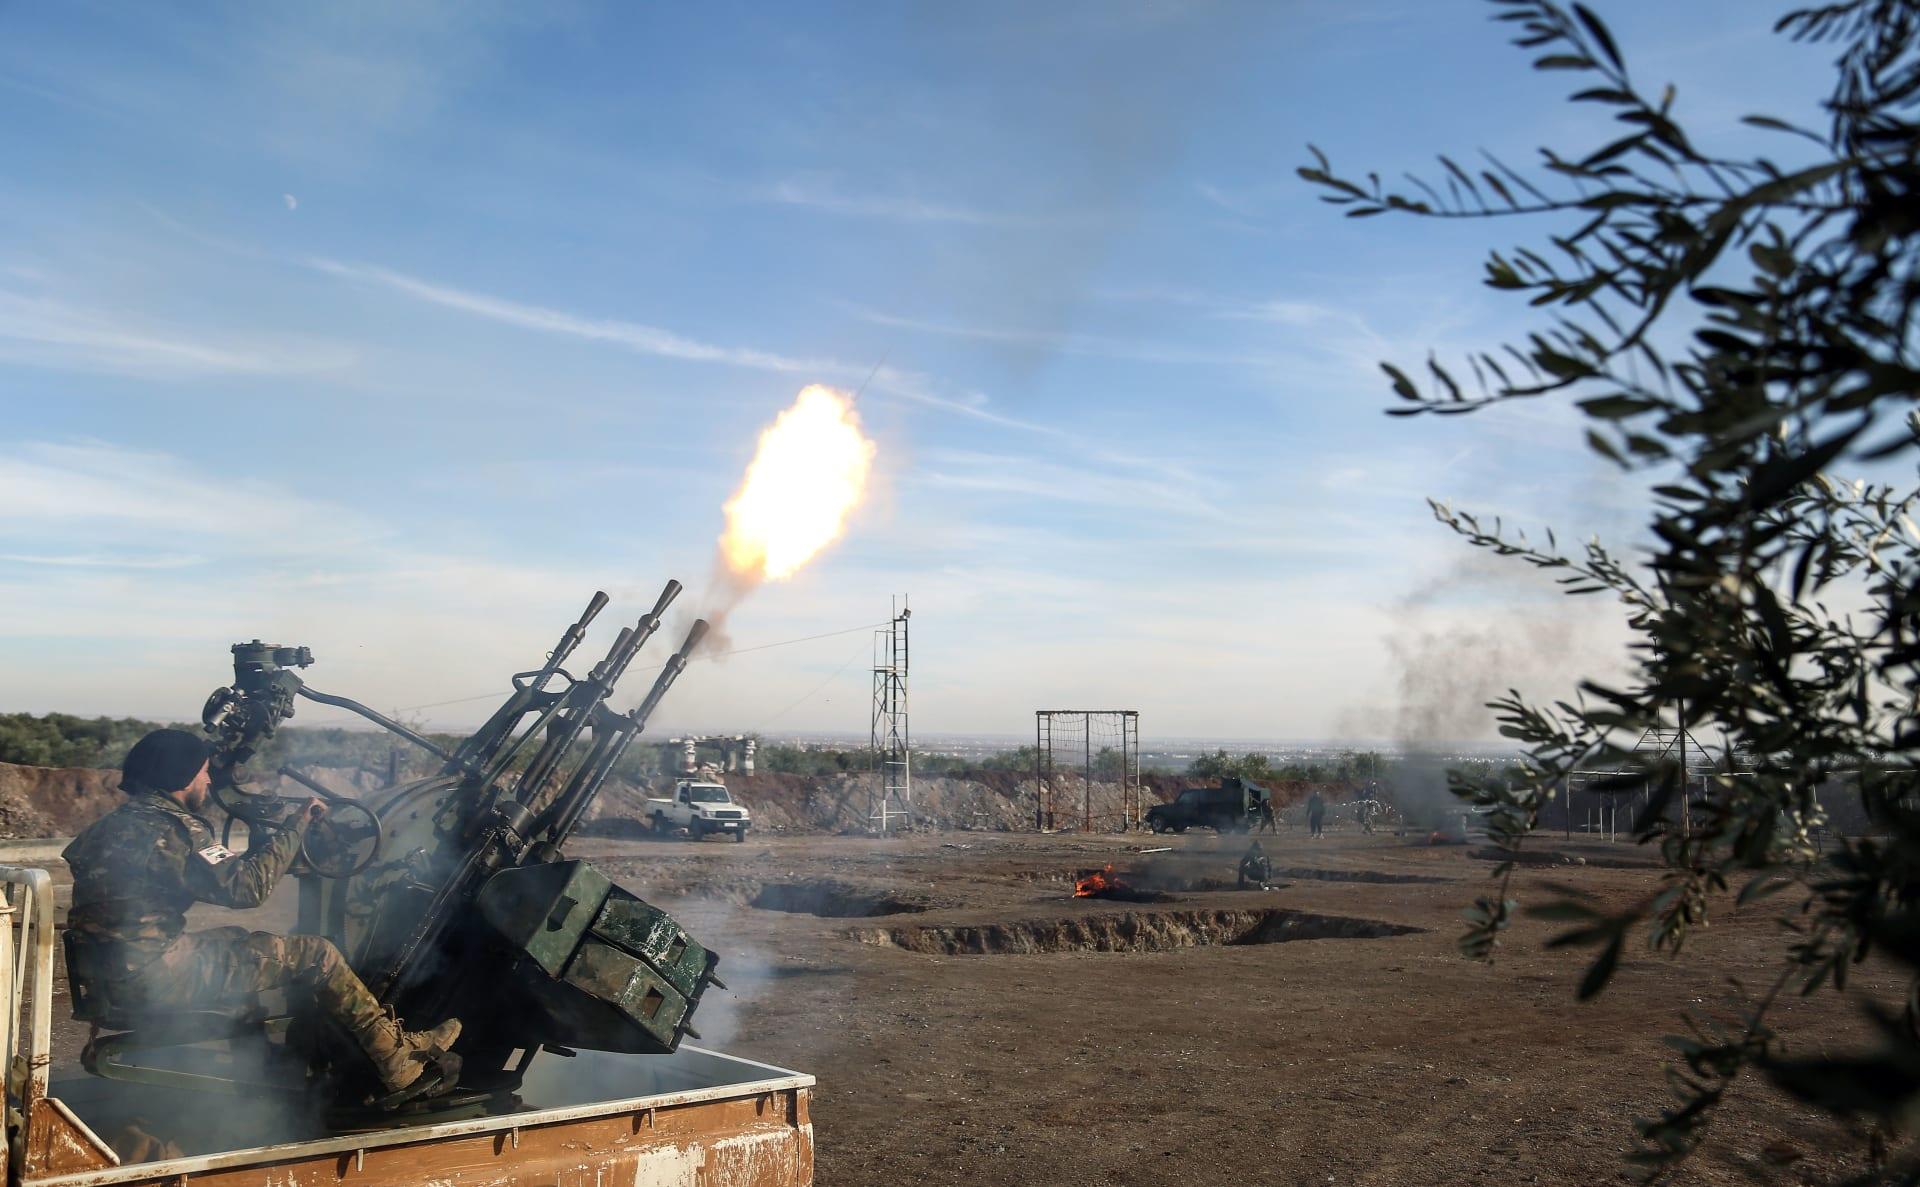 وزير الدفاع الأمريكي: تسلل عناصر داعش إلى مناطق الأسد ليس في صالحه